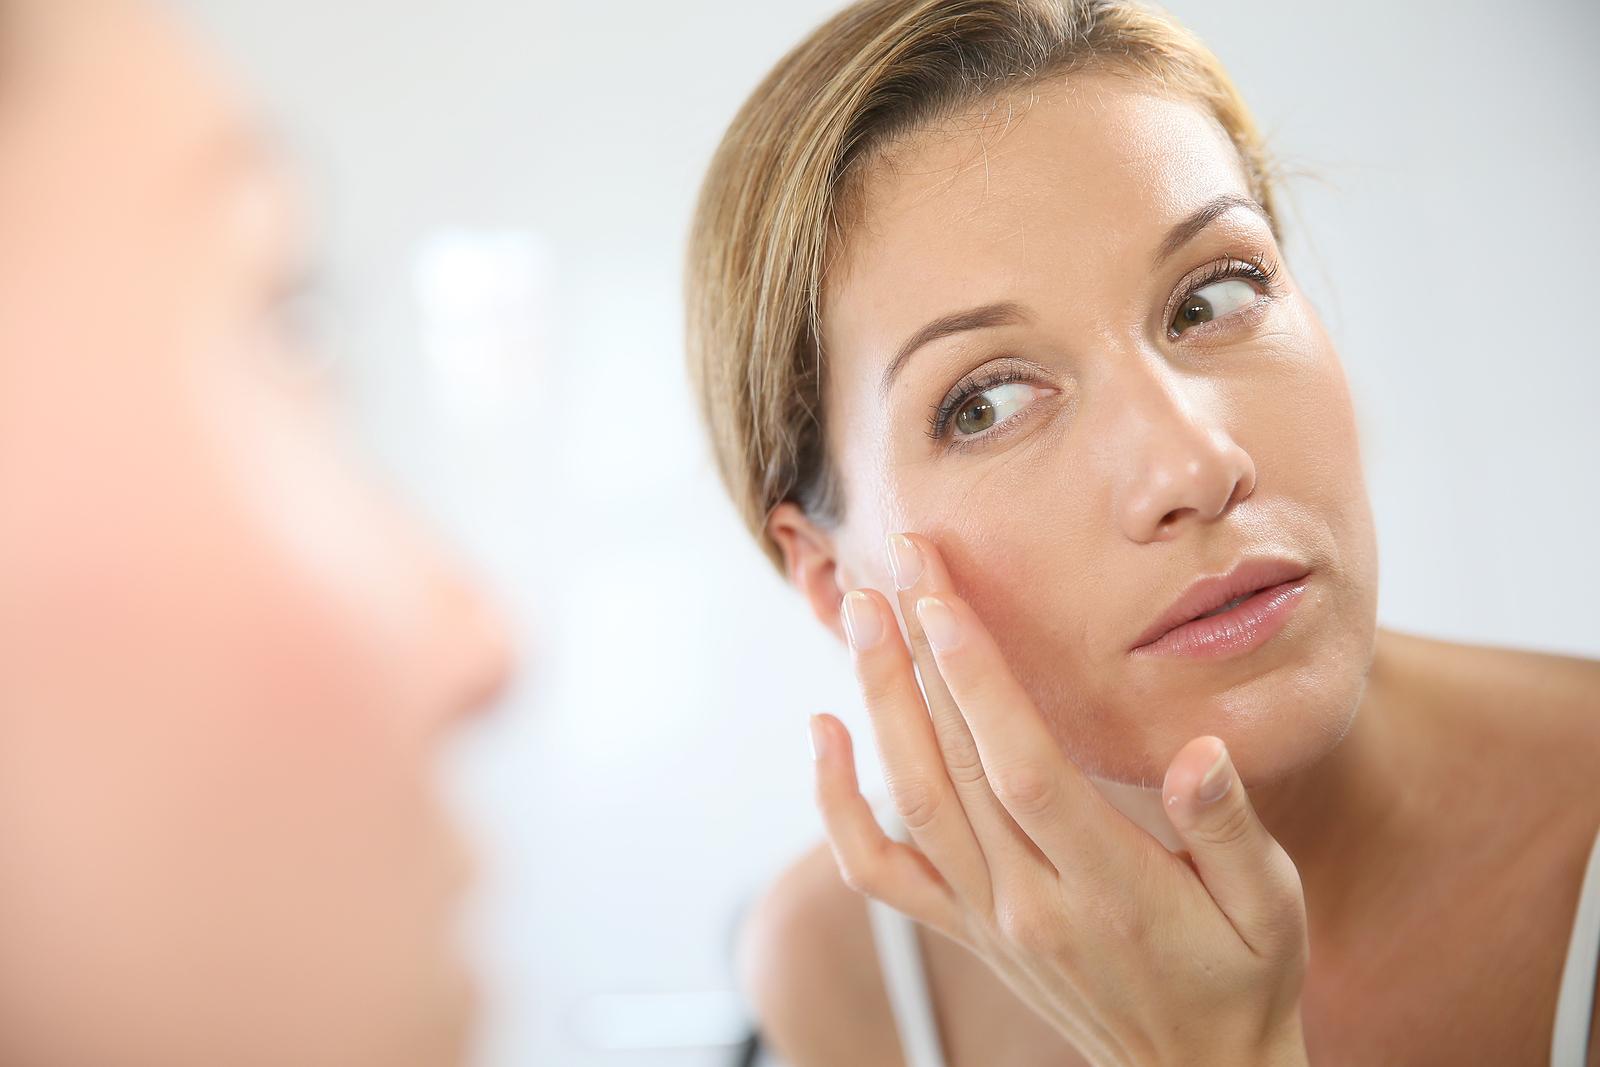 Как избавиться от жировиков на лице в короткие сроки? 75